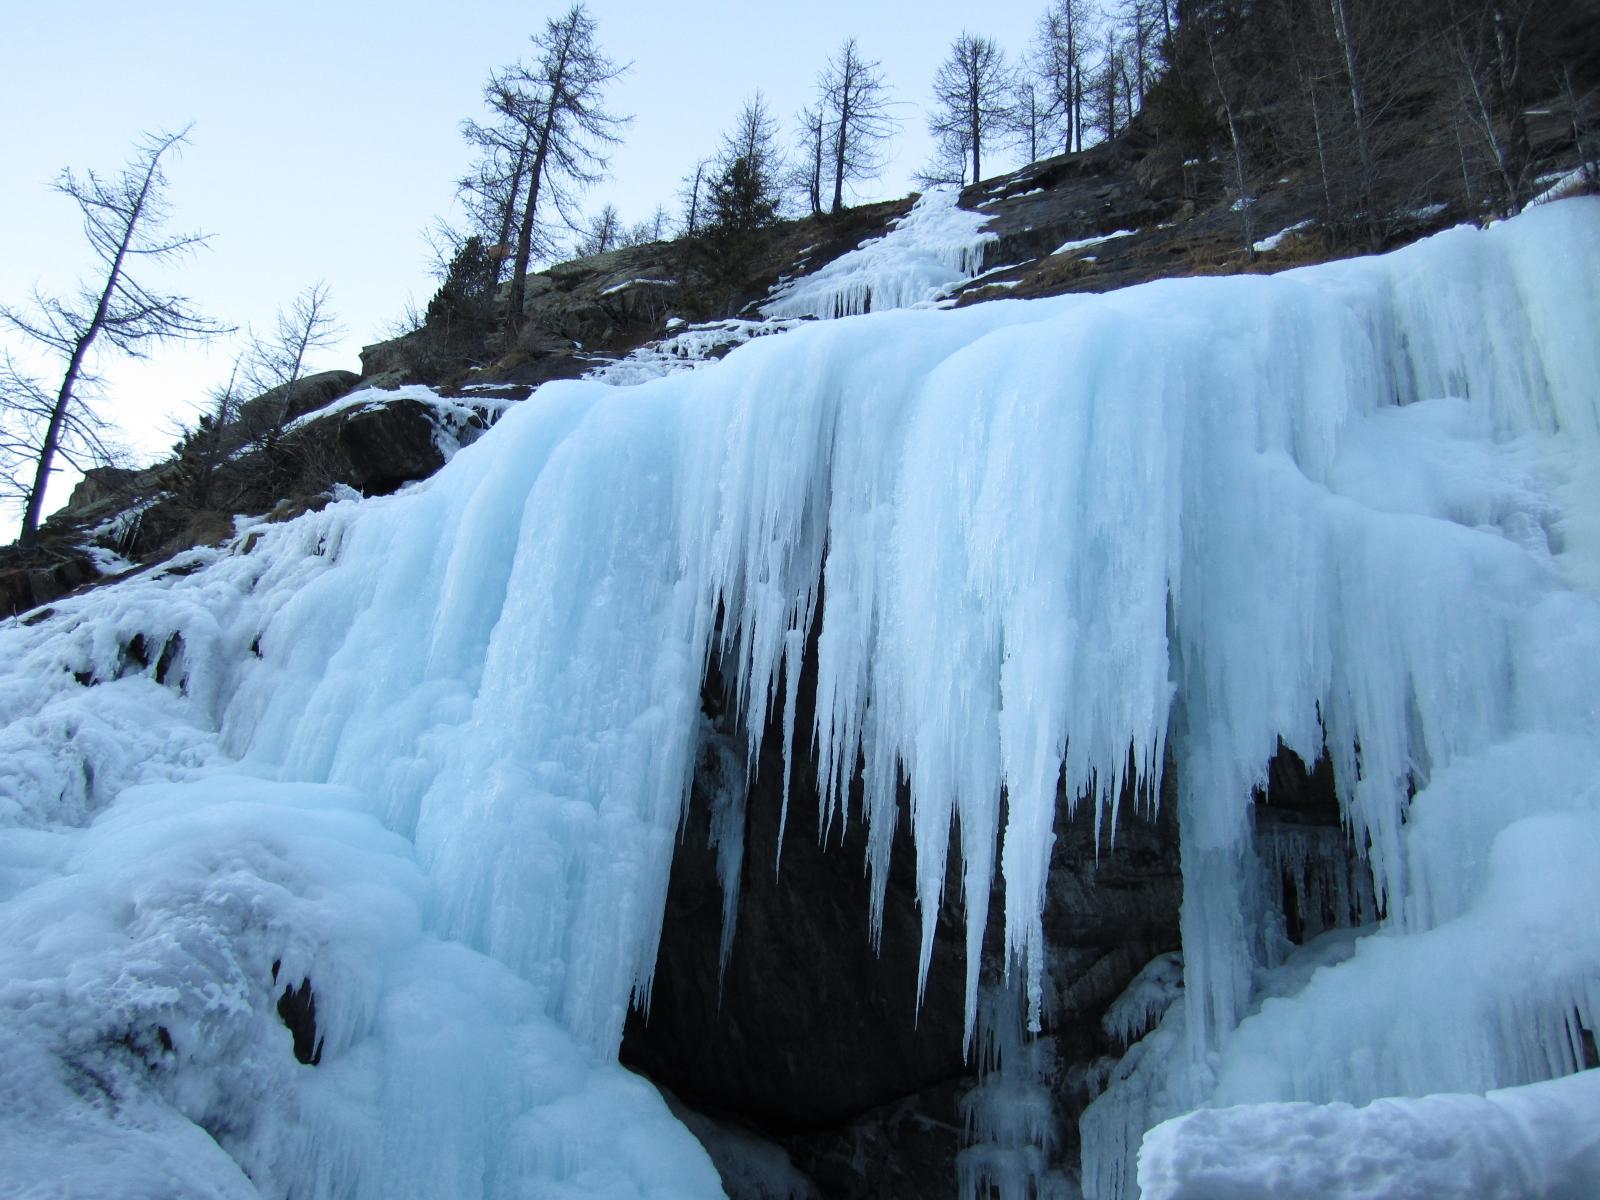 ultimo risalto con ghiaccio che non arriva fino in cima